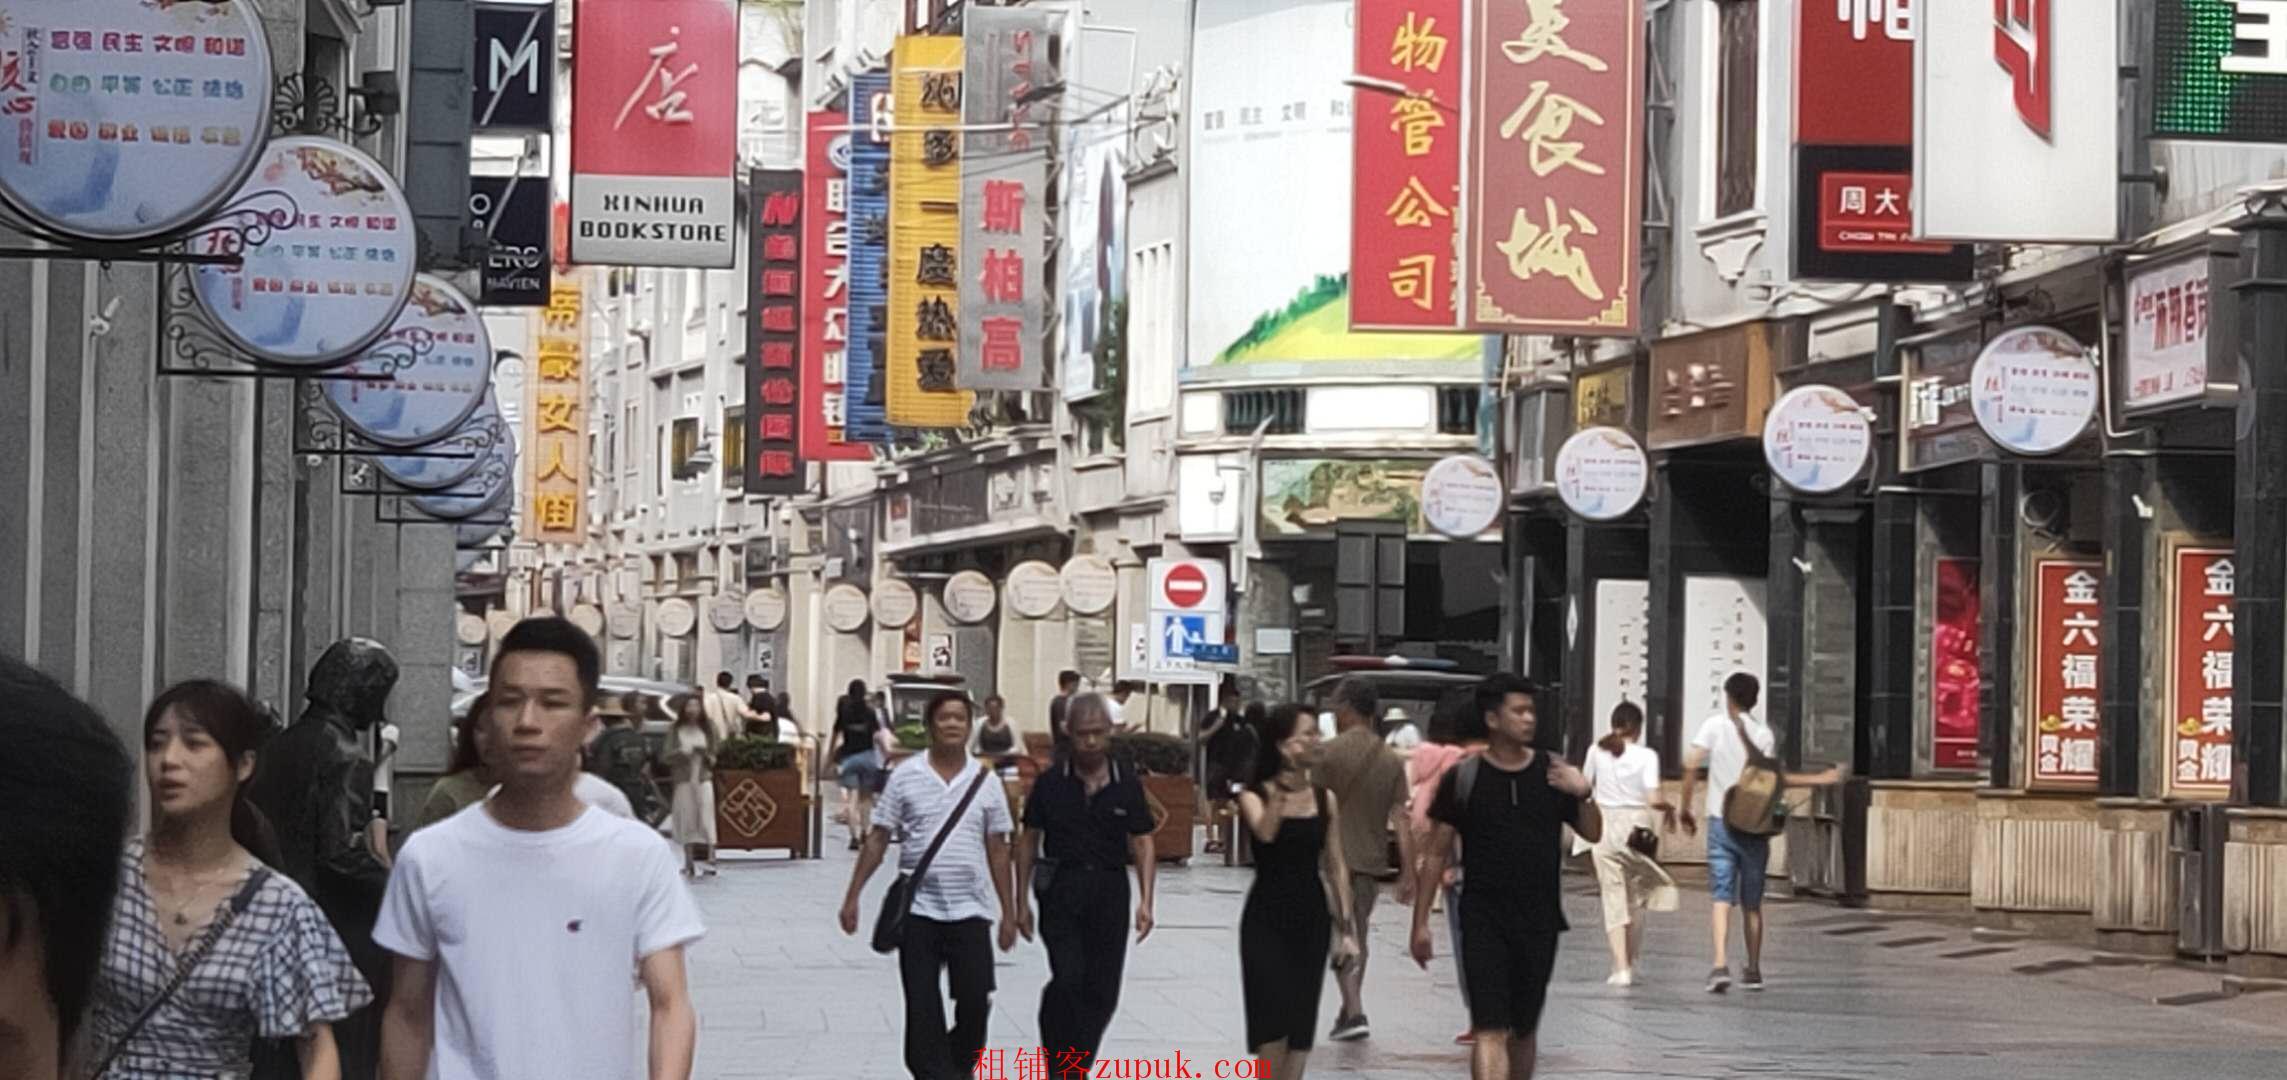 越秀区,东川路街1楼,餐馆,门口人伺候啊多,生意好做液态不限